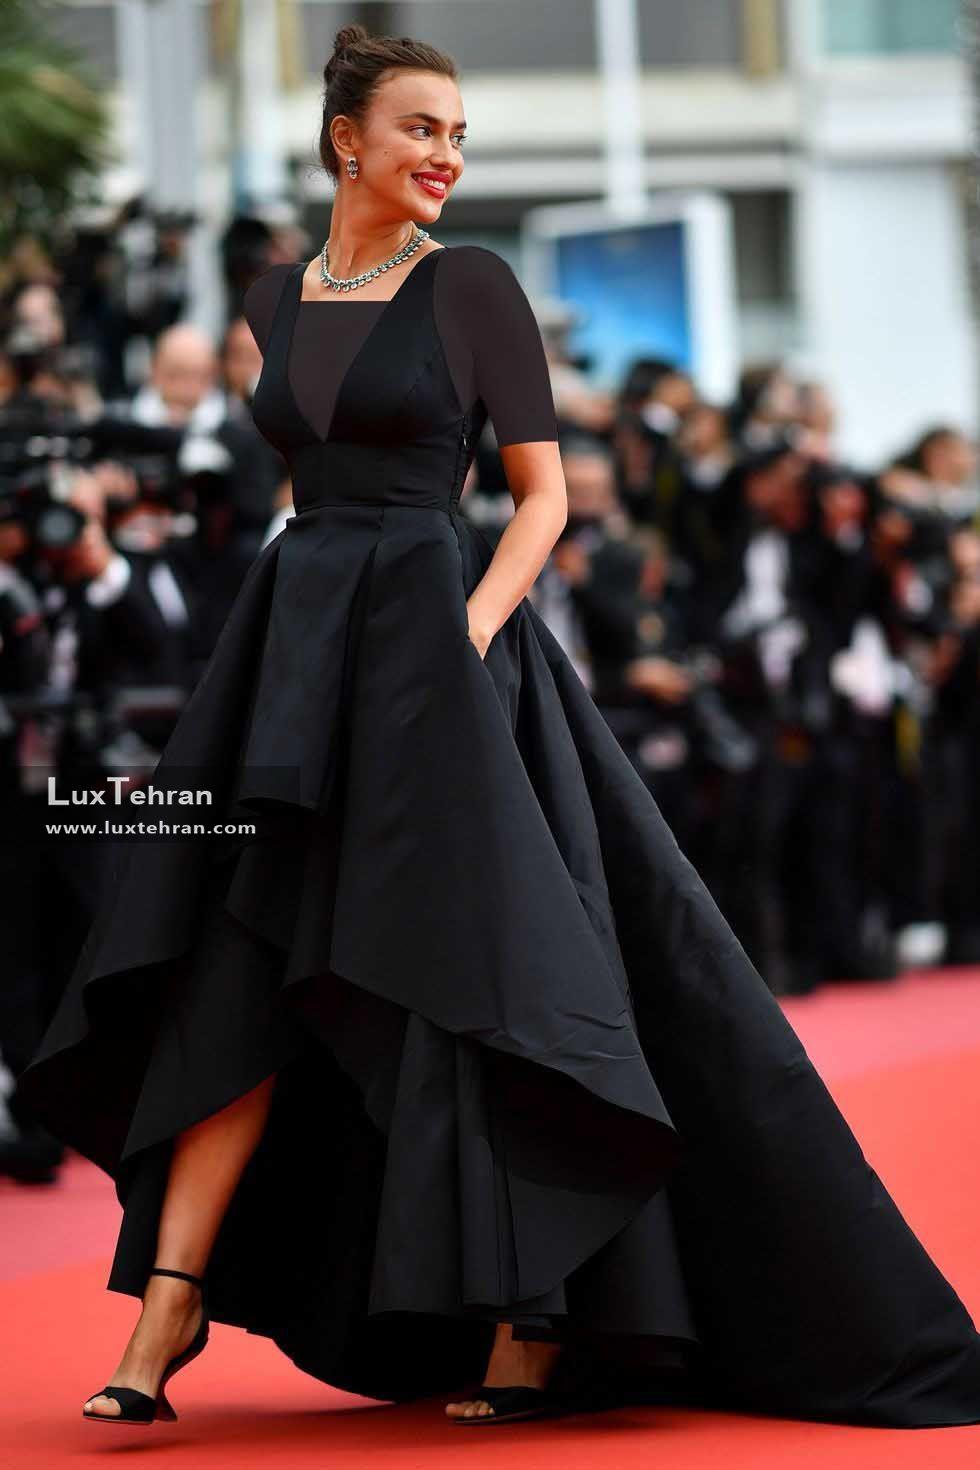 فوتوشوت های جذاب فرش قرمز جشنواره کن ۲۰۱۸ فرانسه